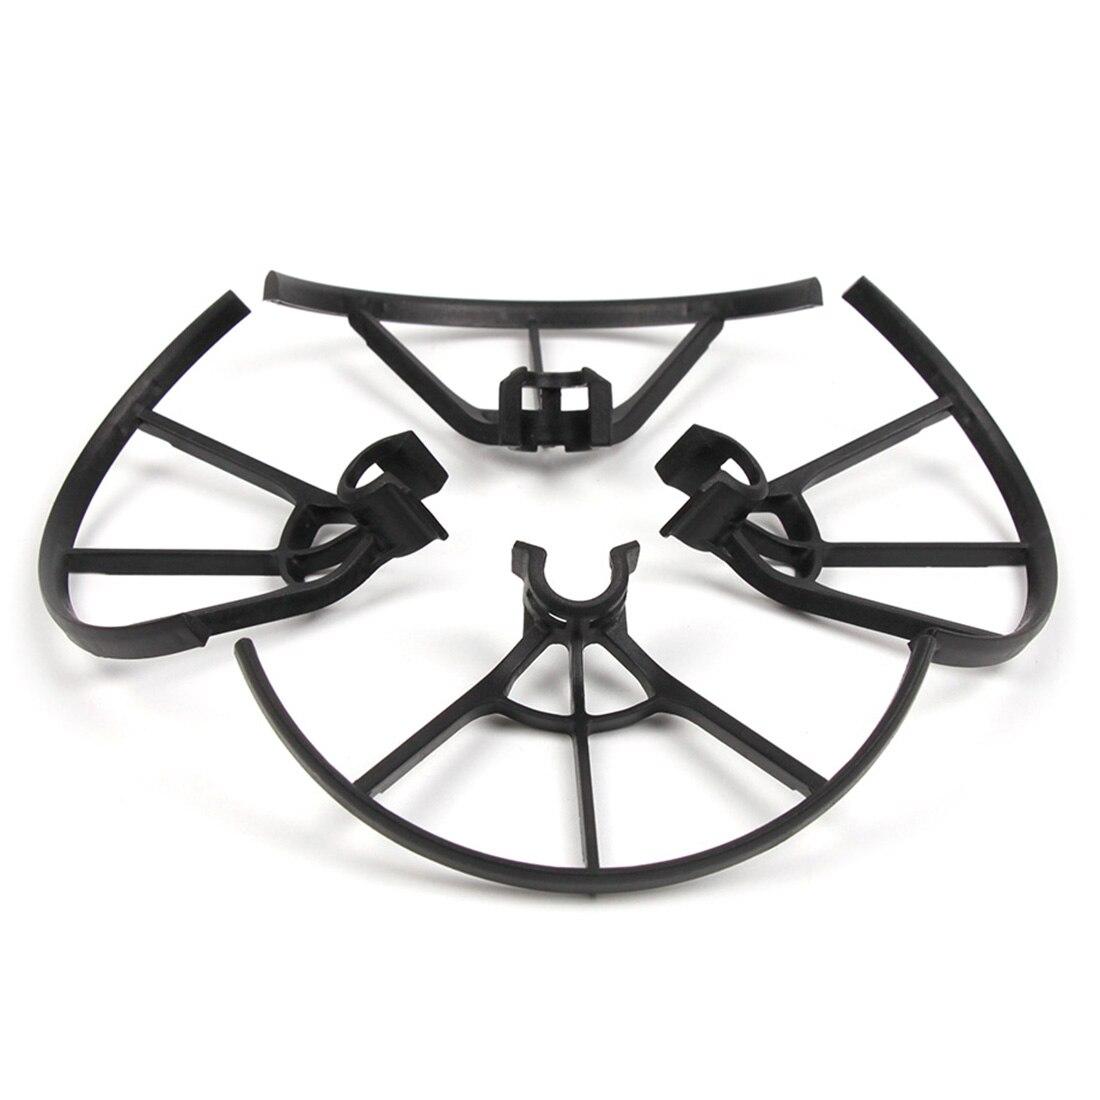 HOBBYINRC 4Pcs Blade Protective Cover Guard Circle For DJI Tello Paddle